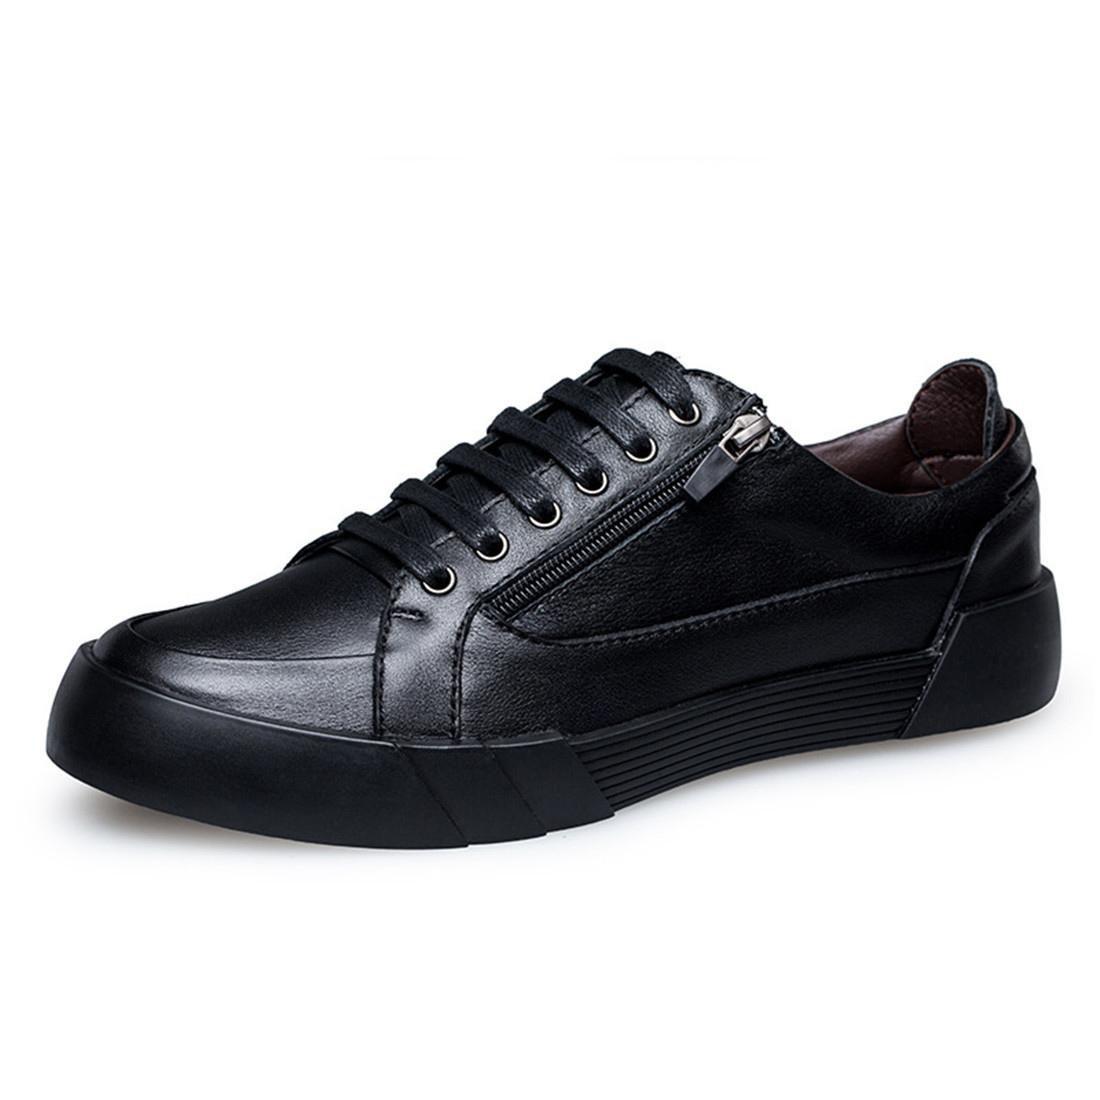 Herren Geschäft Lederschuhe Mode Lässige Schuhe Rutschfest Flache Schuhe Atmungsaktiv Lässige Schuhe Große Größe EUR GRÖSSE 38-46